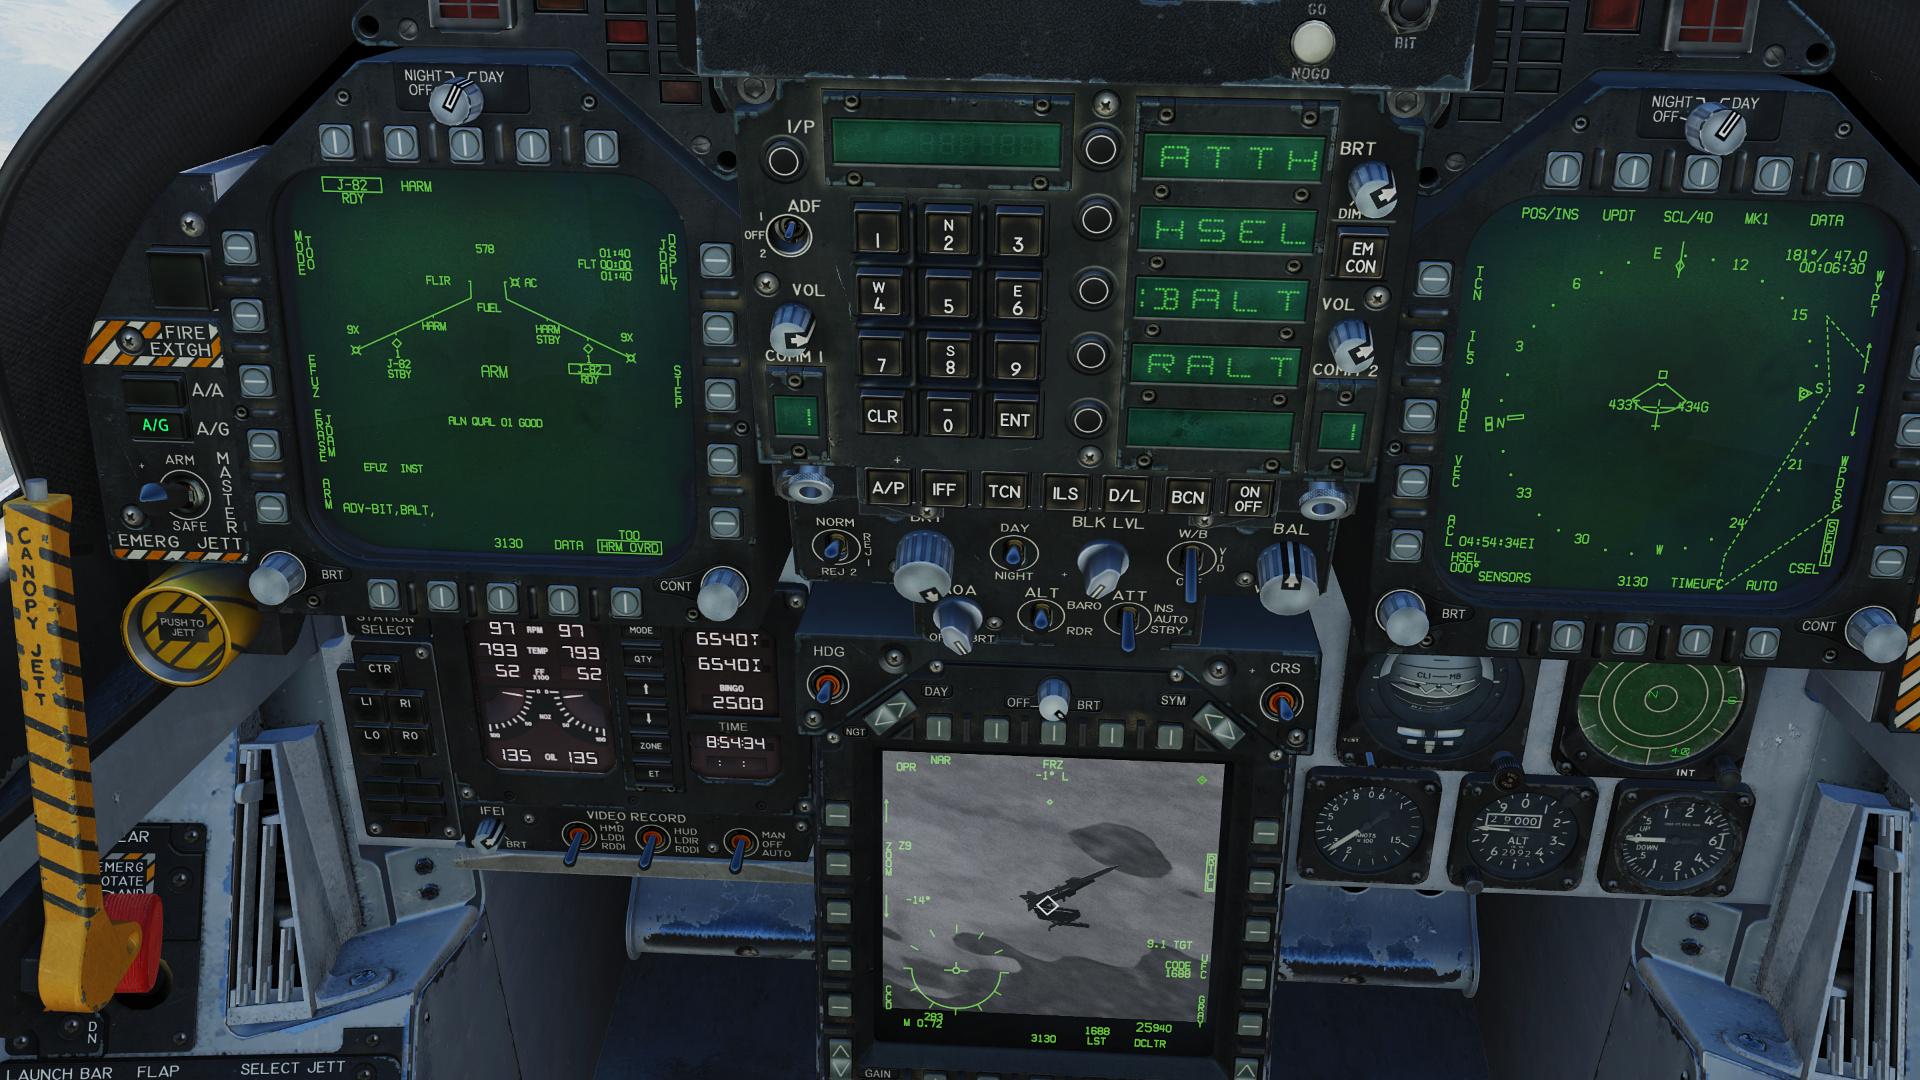 screen_200704_223117.46j2m.jpg